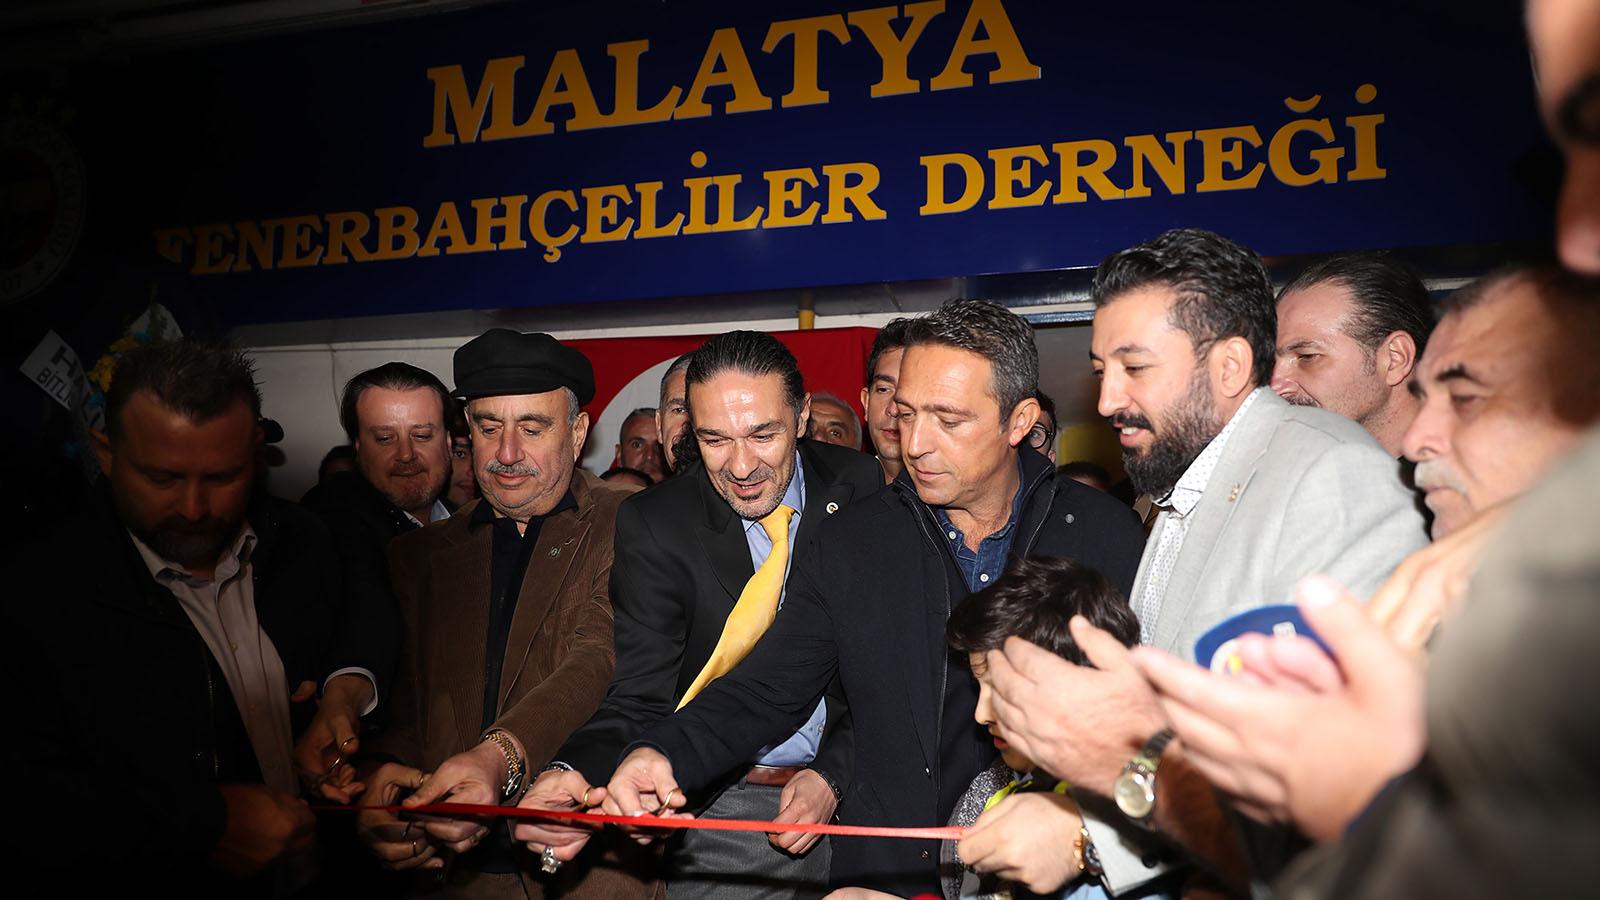 Malatya Derneğimizin yeni lokali Başkanımız Ali Koç'un katılımıyla açıldı